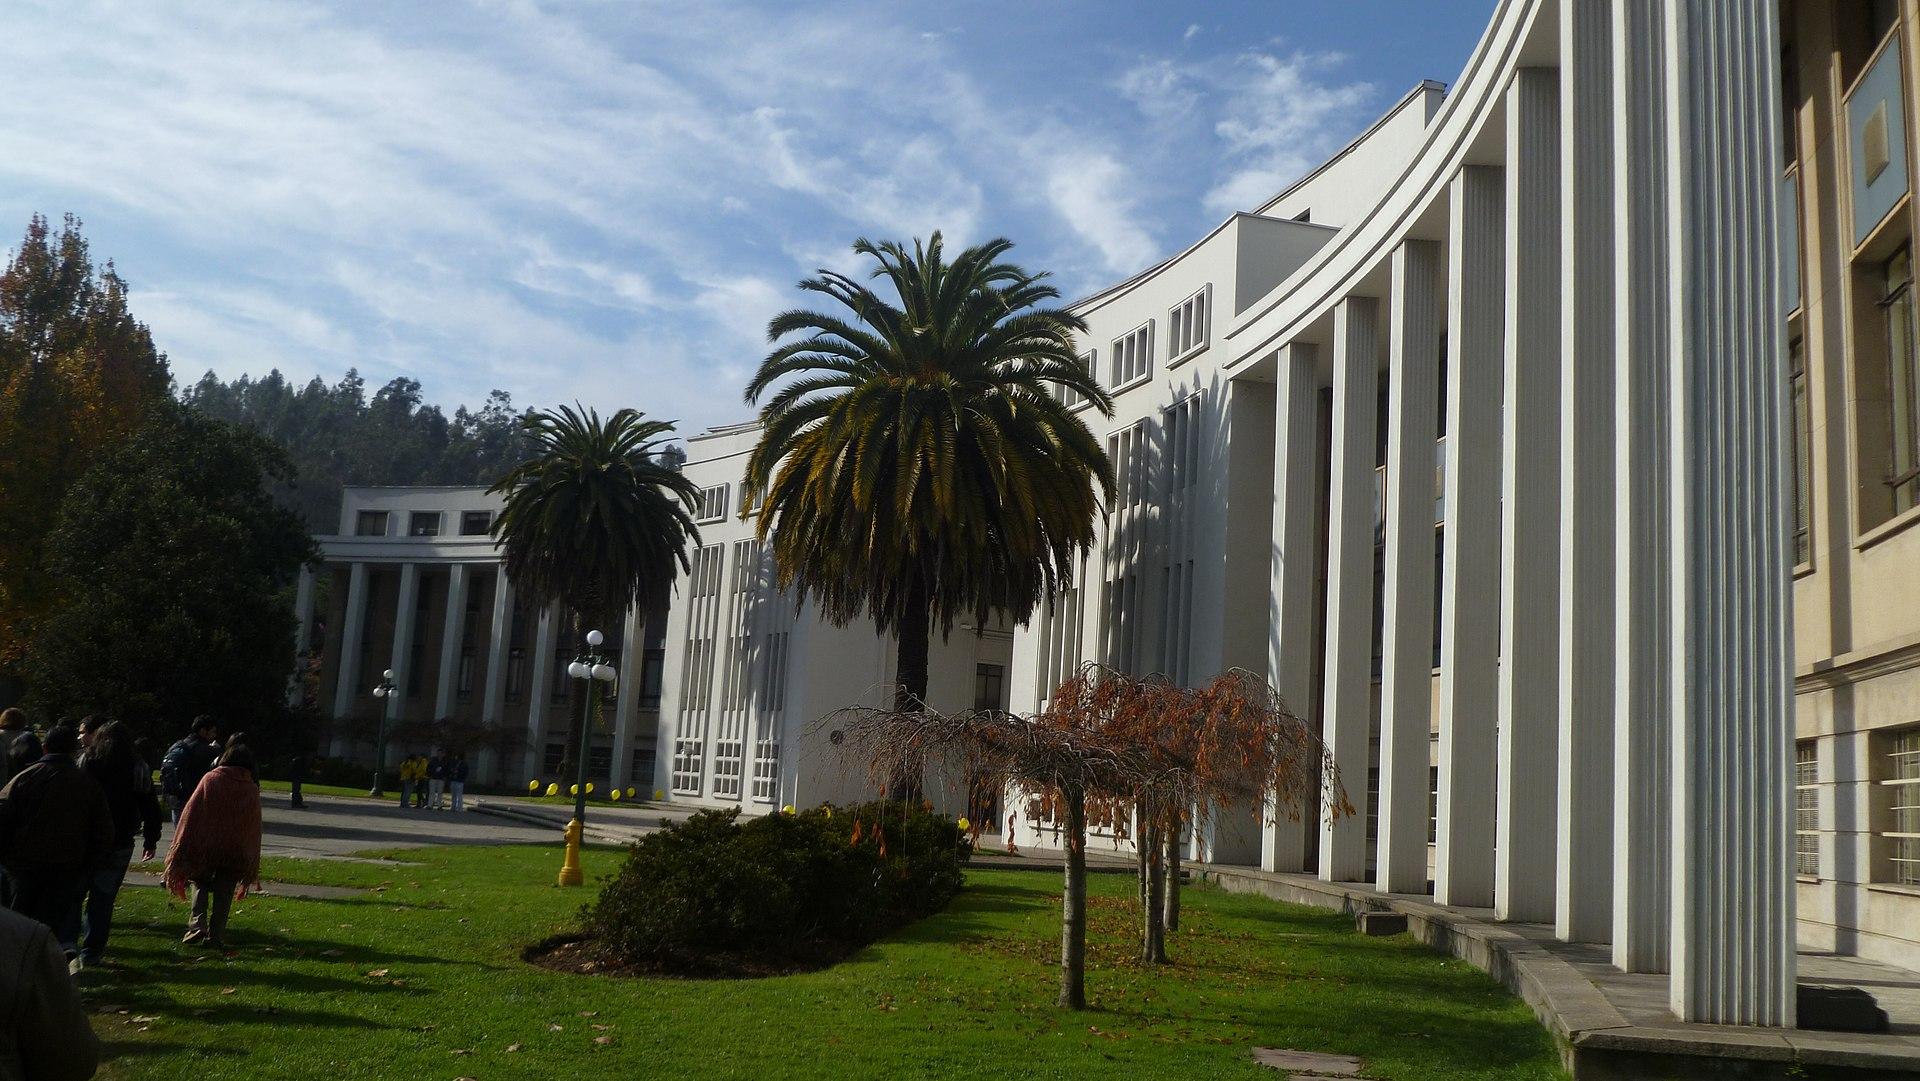 Universidad de concepci n wikipedia la enciclopedia libre for Universidad de arte